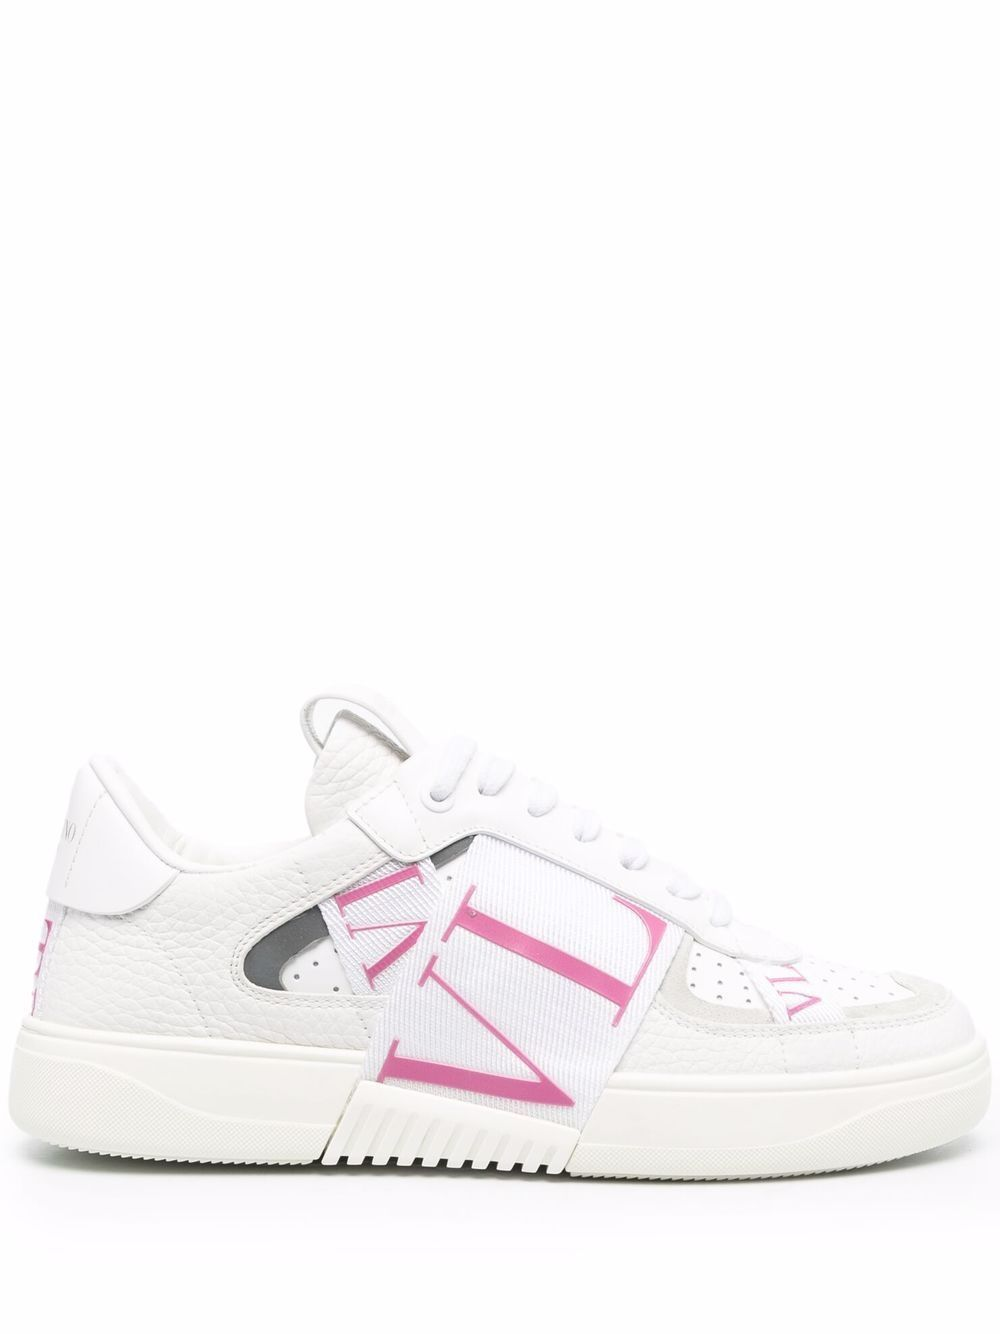 Vl7n leather sneakers